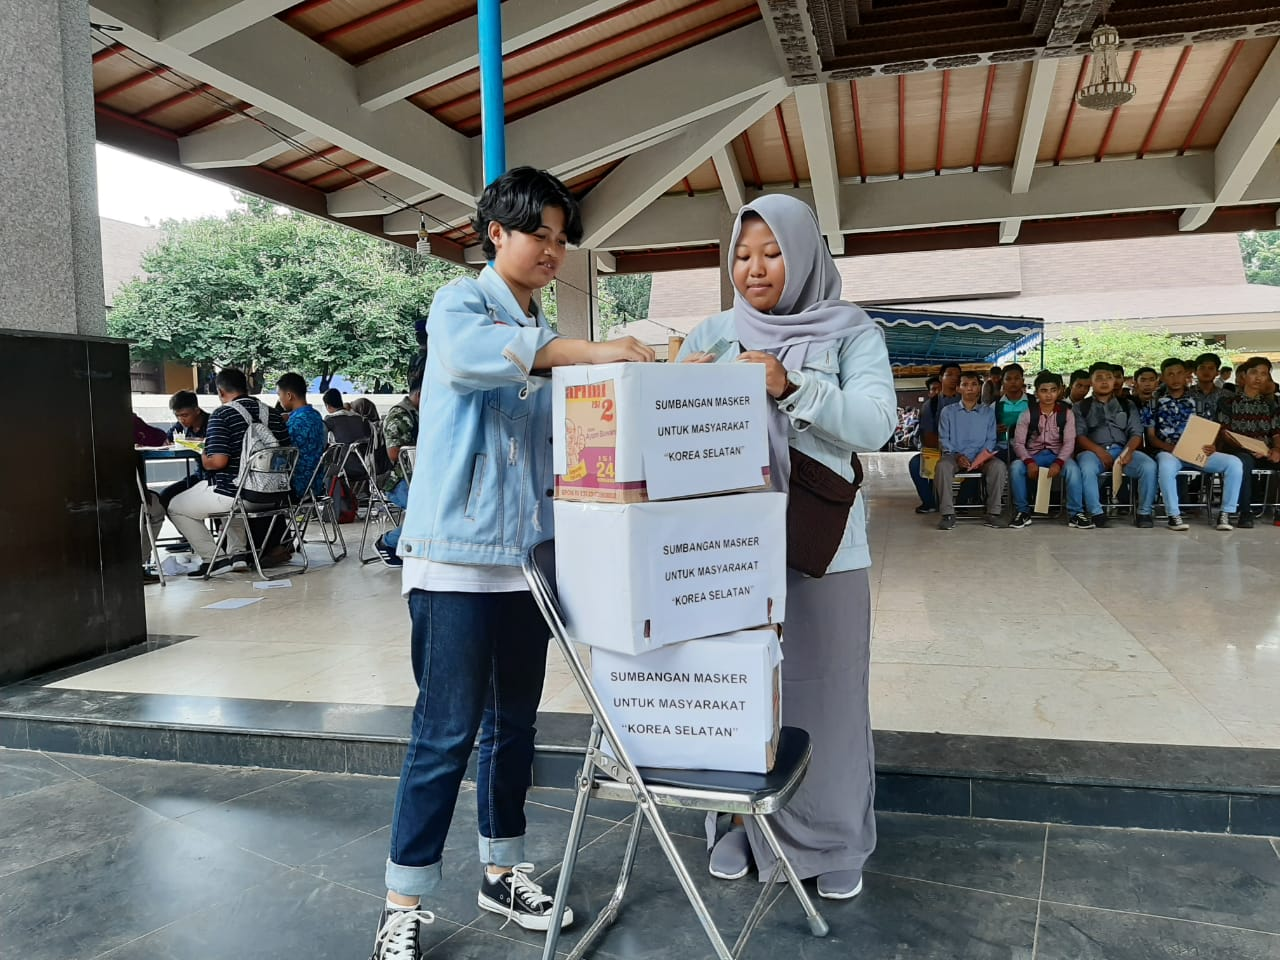 한국 근로자(TKI) 지망생의 한국을 돕자는 모금함이 3단으로 쌓여있다.